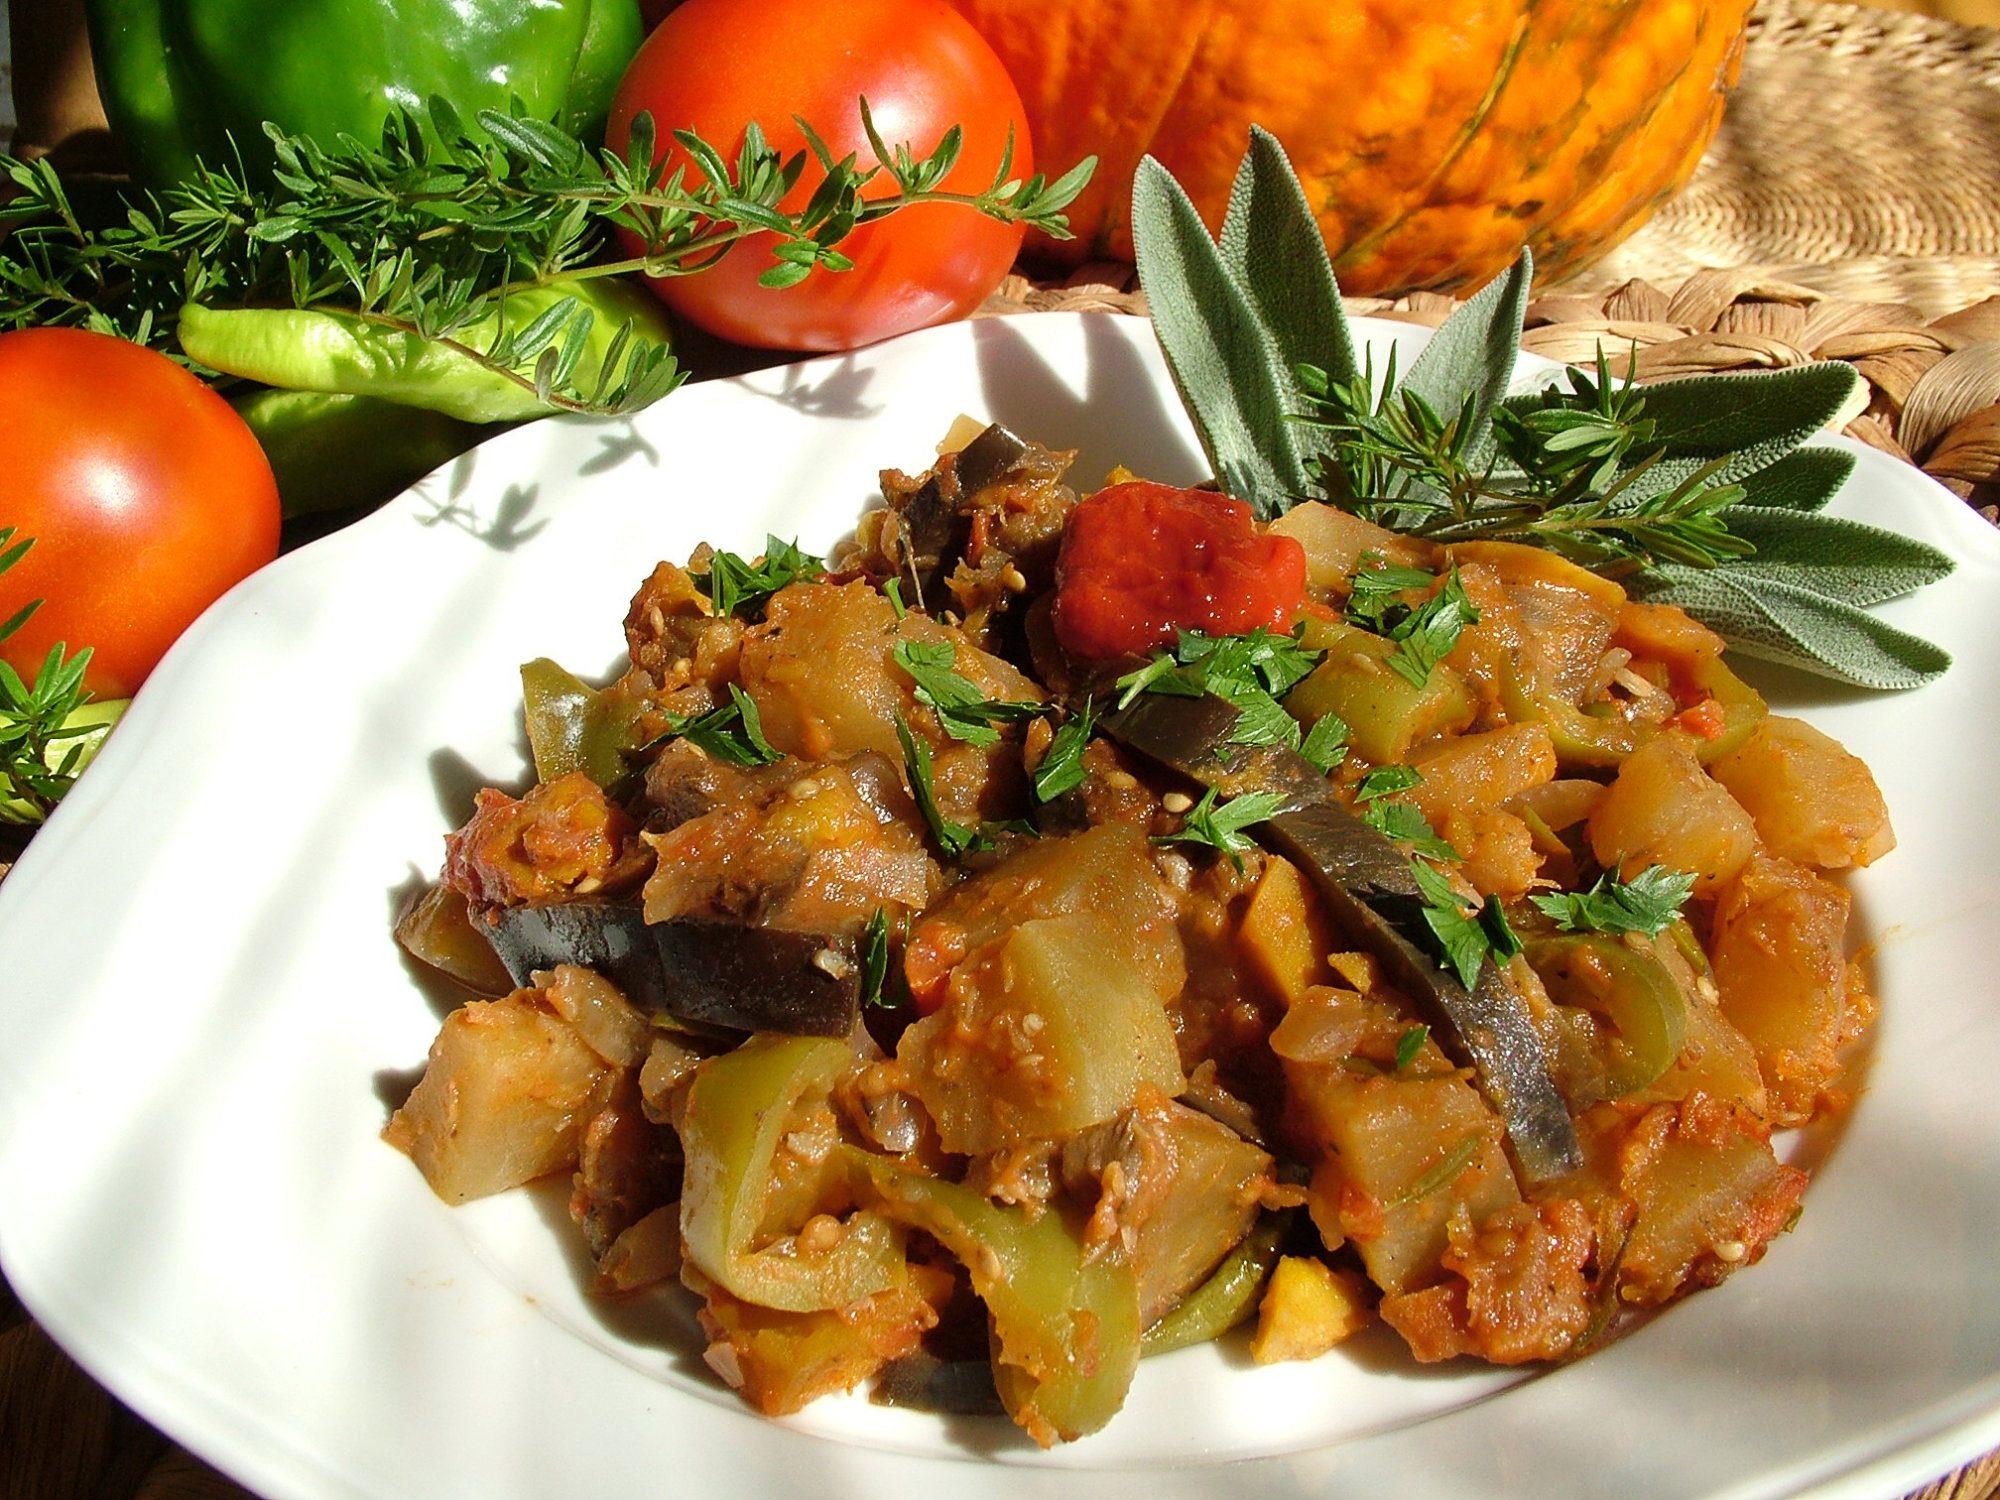 Ratatouille - letná zelenina na víne s bylinkami